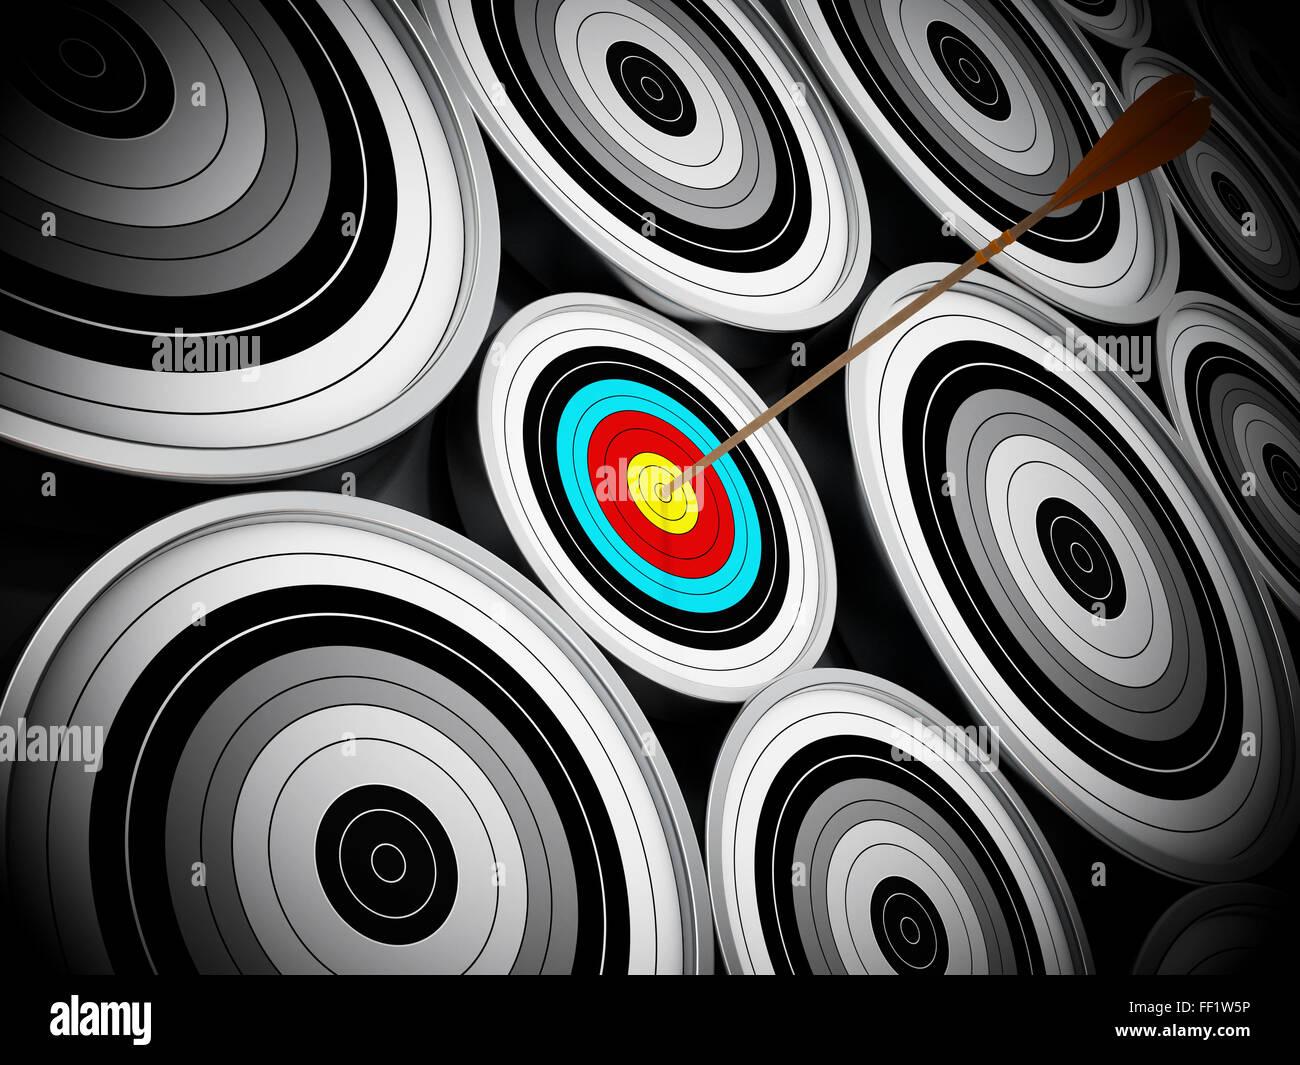 Dart rouge frappé juste au milieu de la petite cible. Niche marketing concept qui reviendrait à concentrer Photo Stock